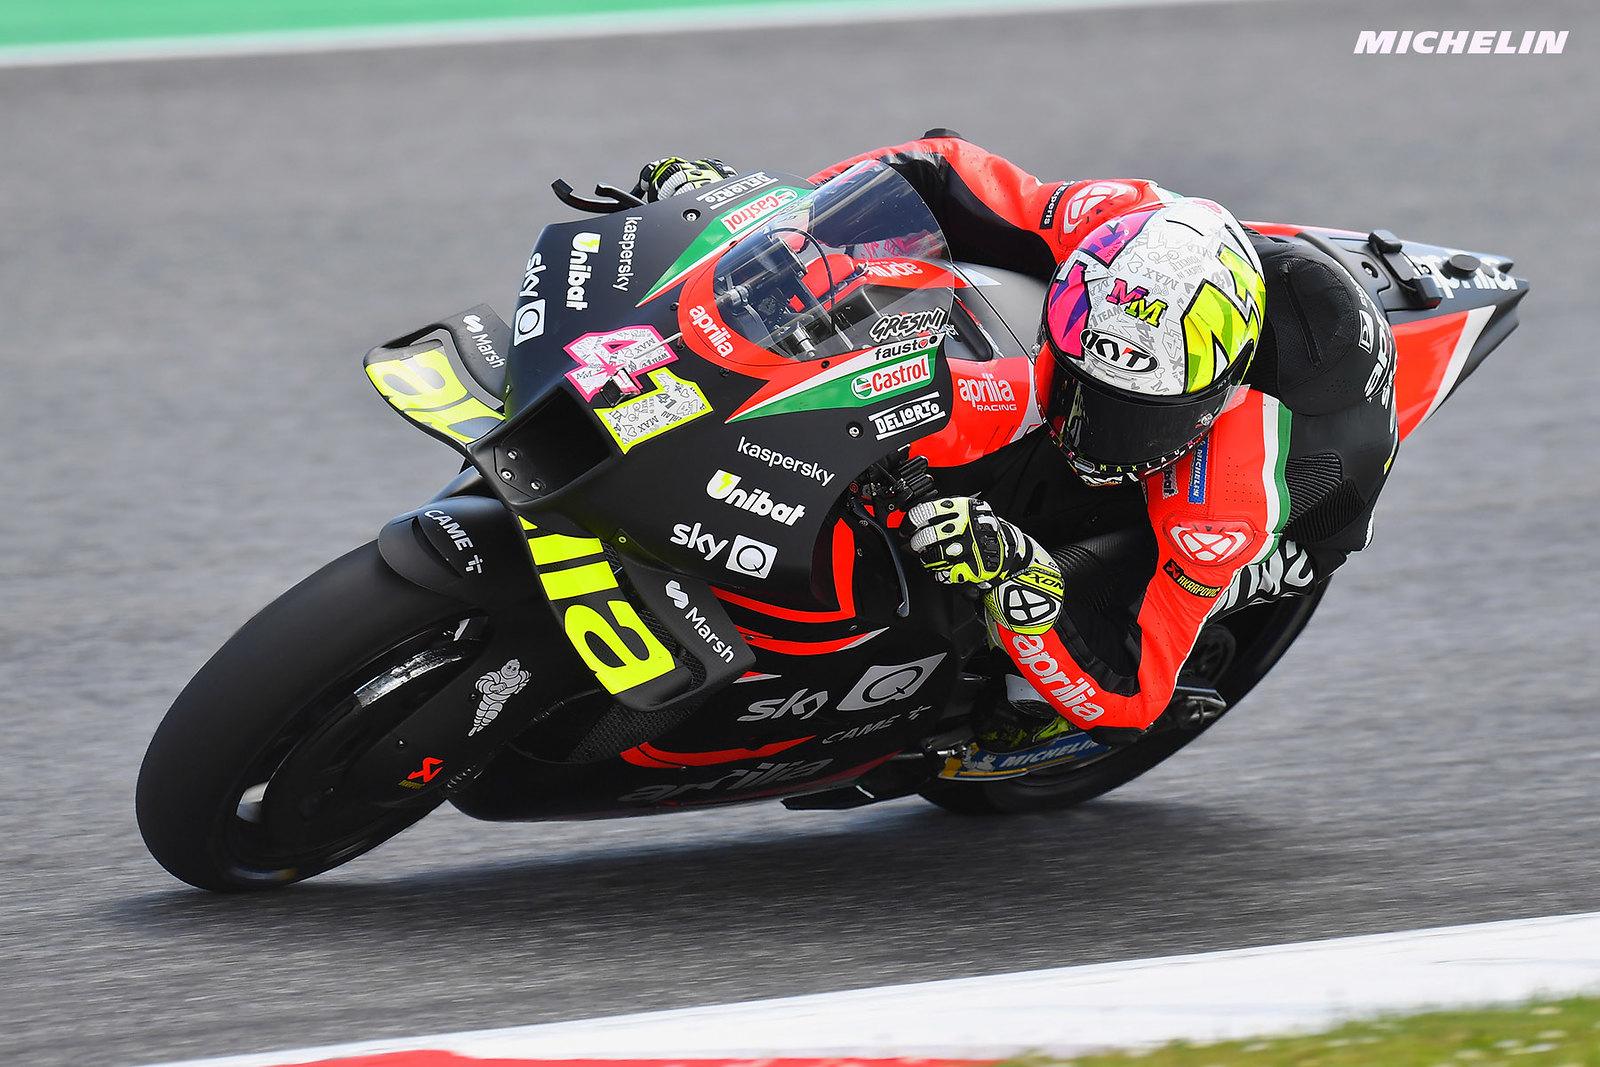 MotoGP2021イタリアGP 7位アレイシ・エスパルガロ「腕上がり手術後の状態が良かった」